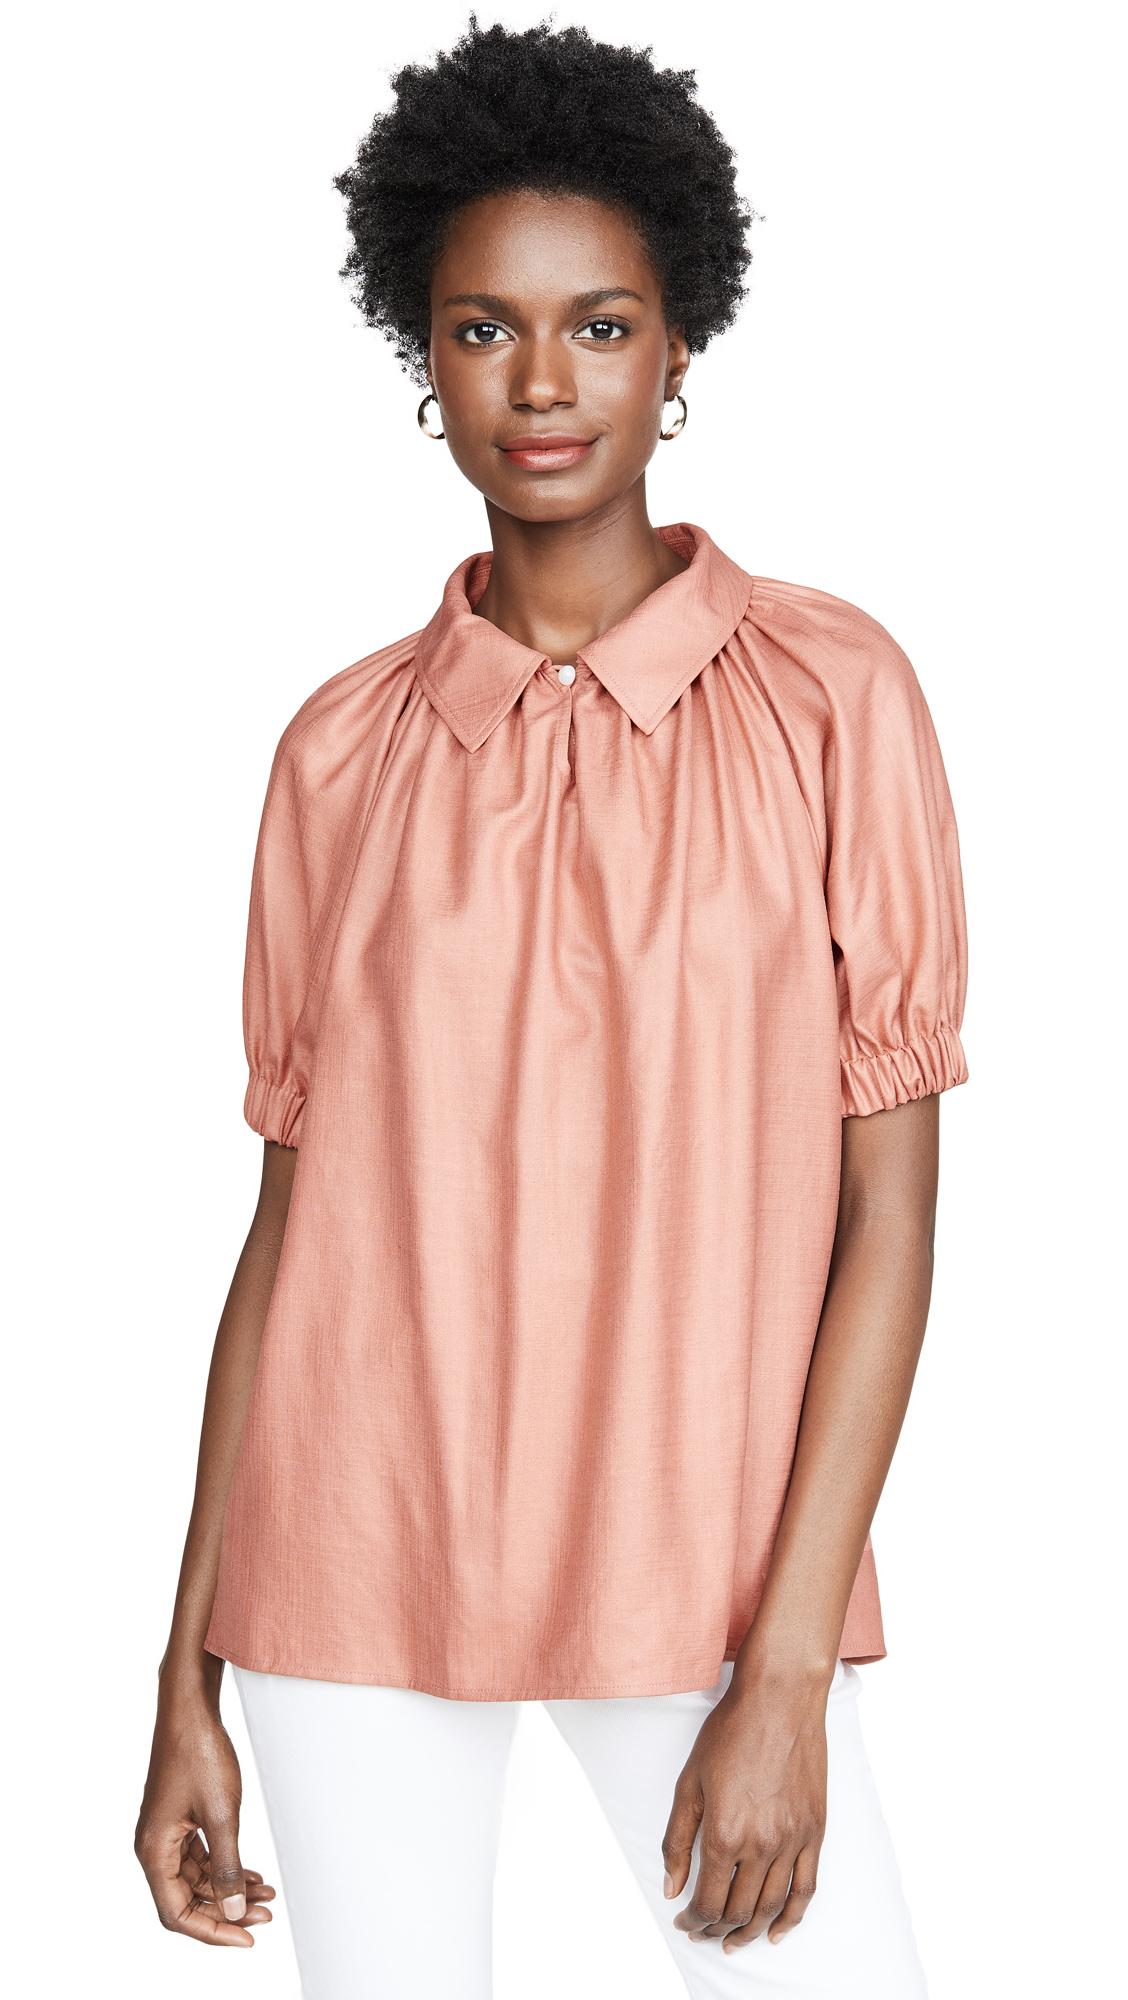 Adeam Balloon Shirt - Peach Coral